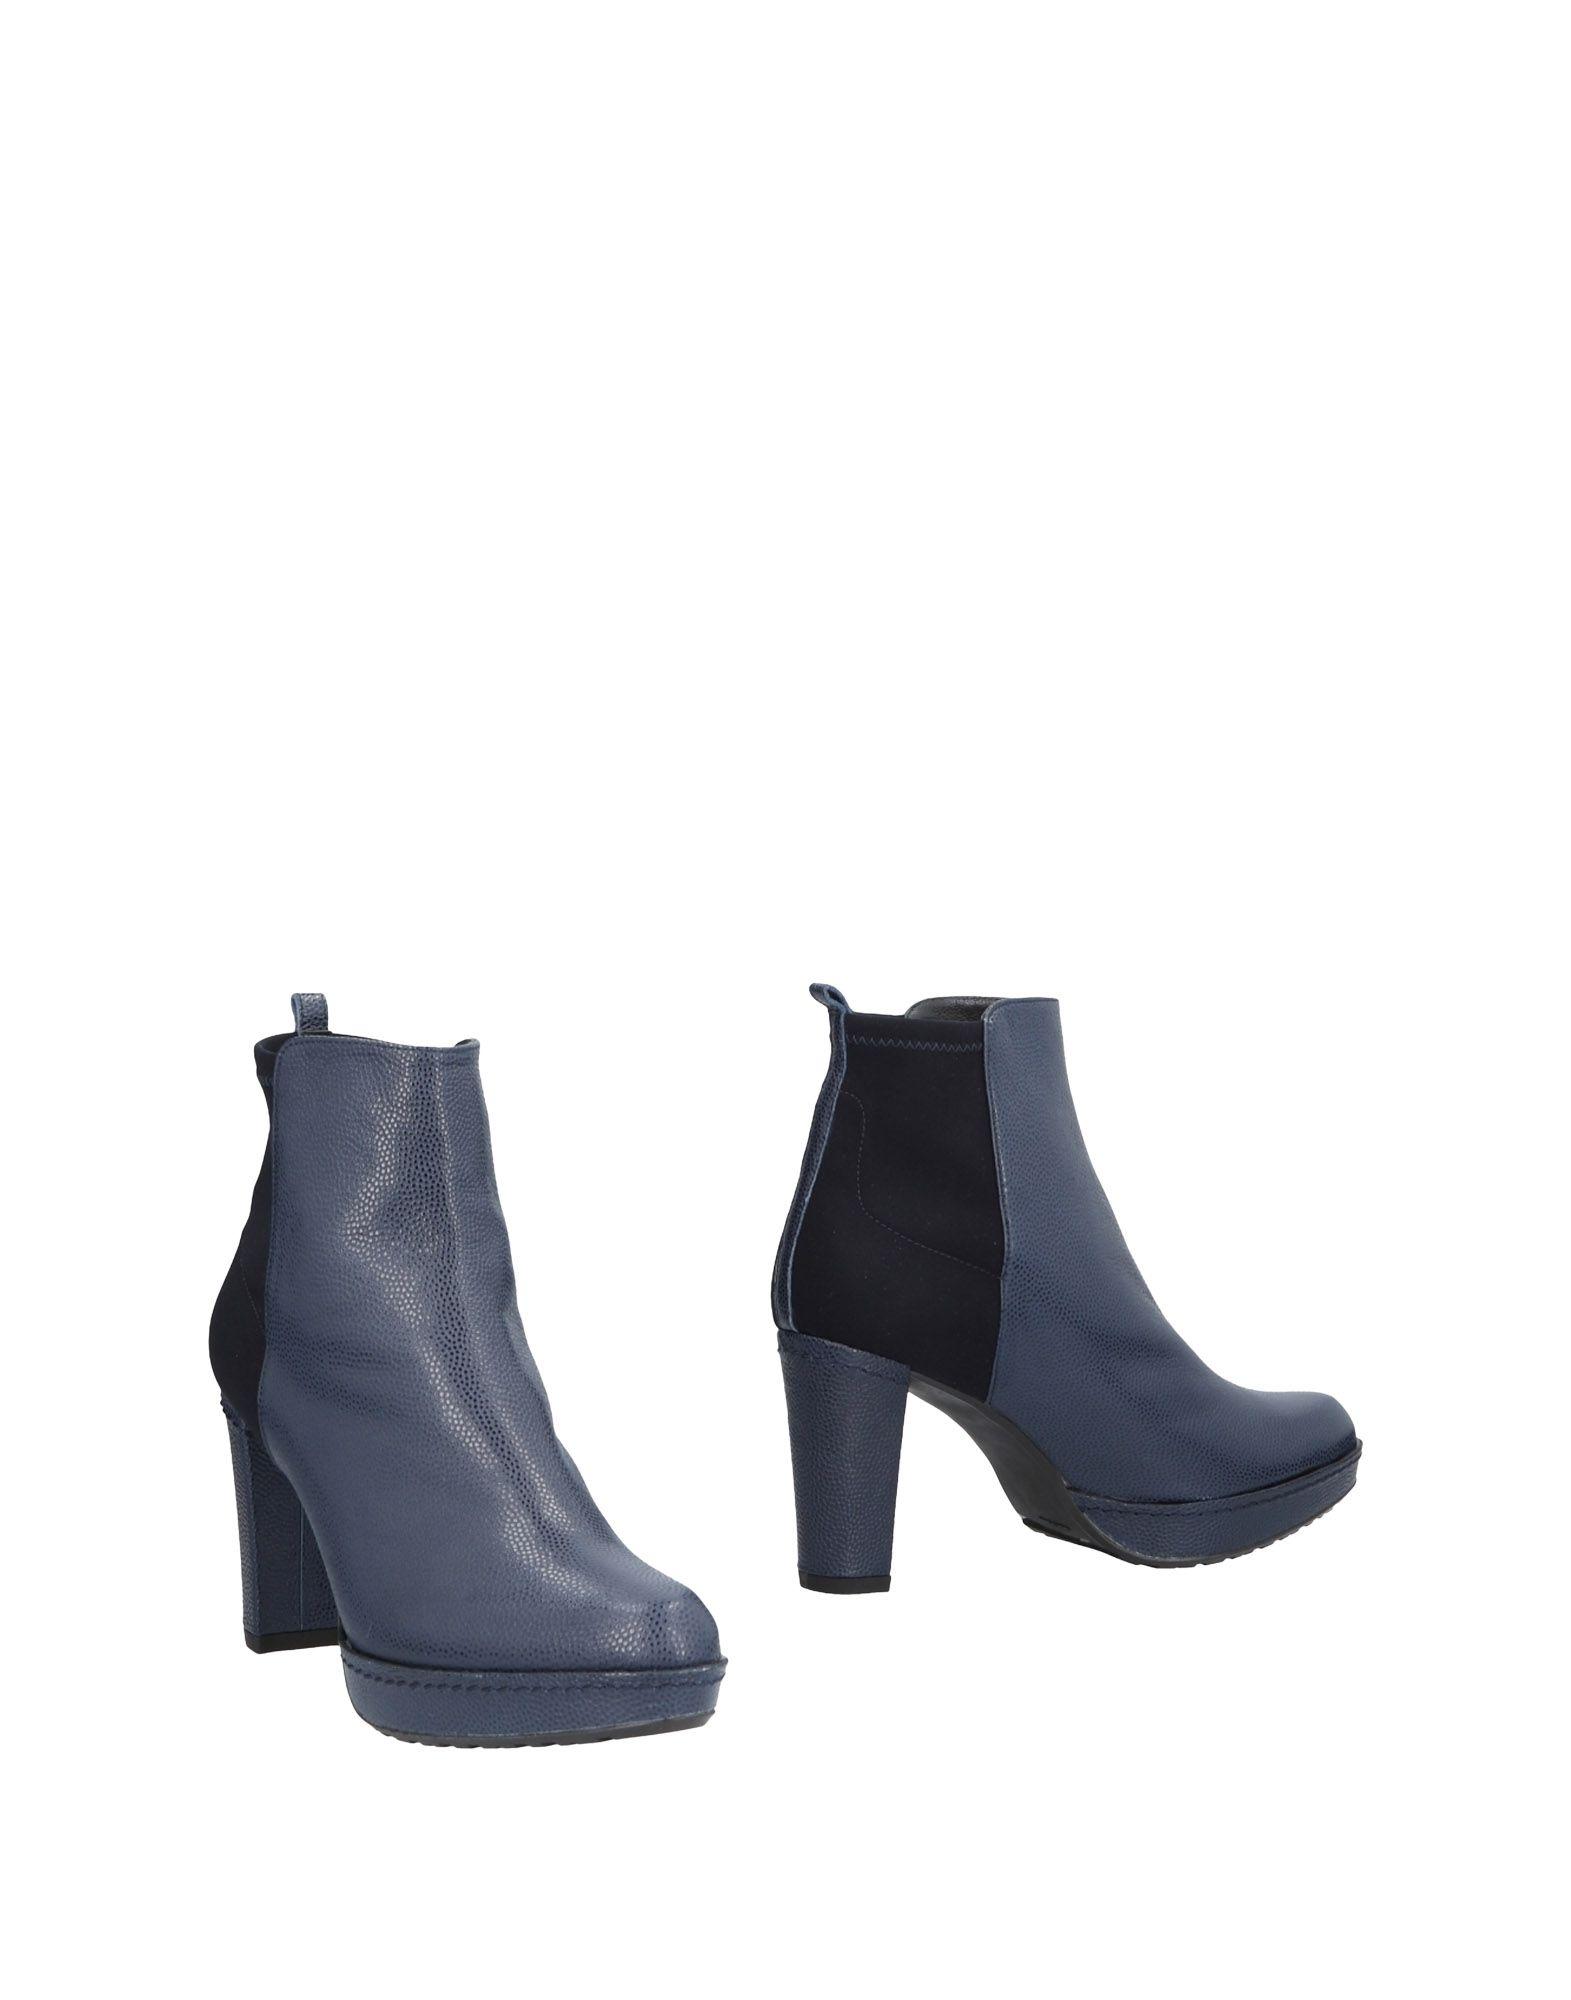 Stuart Weitzman Stiefelette Damen aussehende  11471842CLGünstige gut aussehende Damen Schuhe 974619